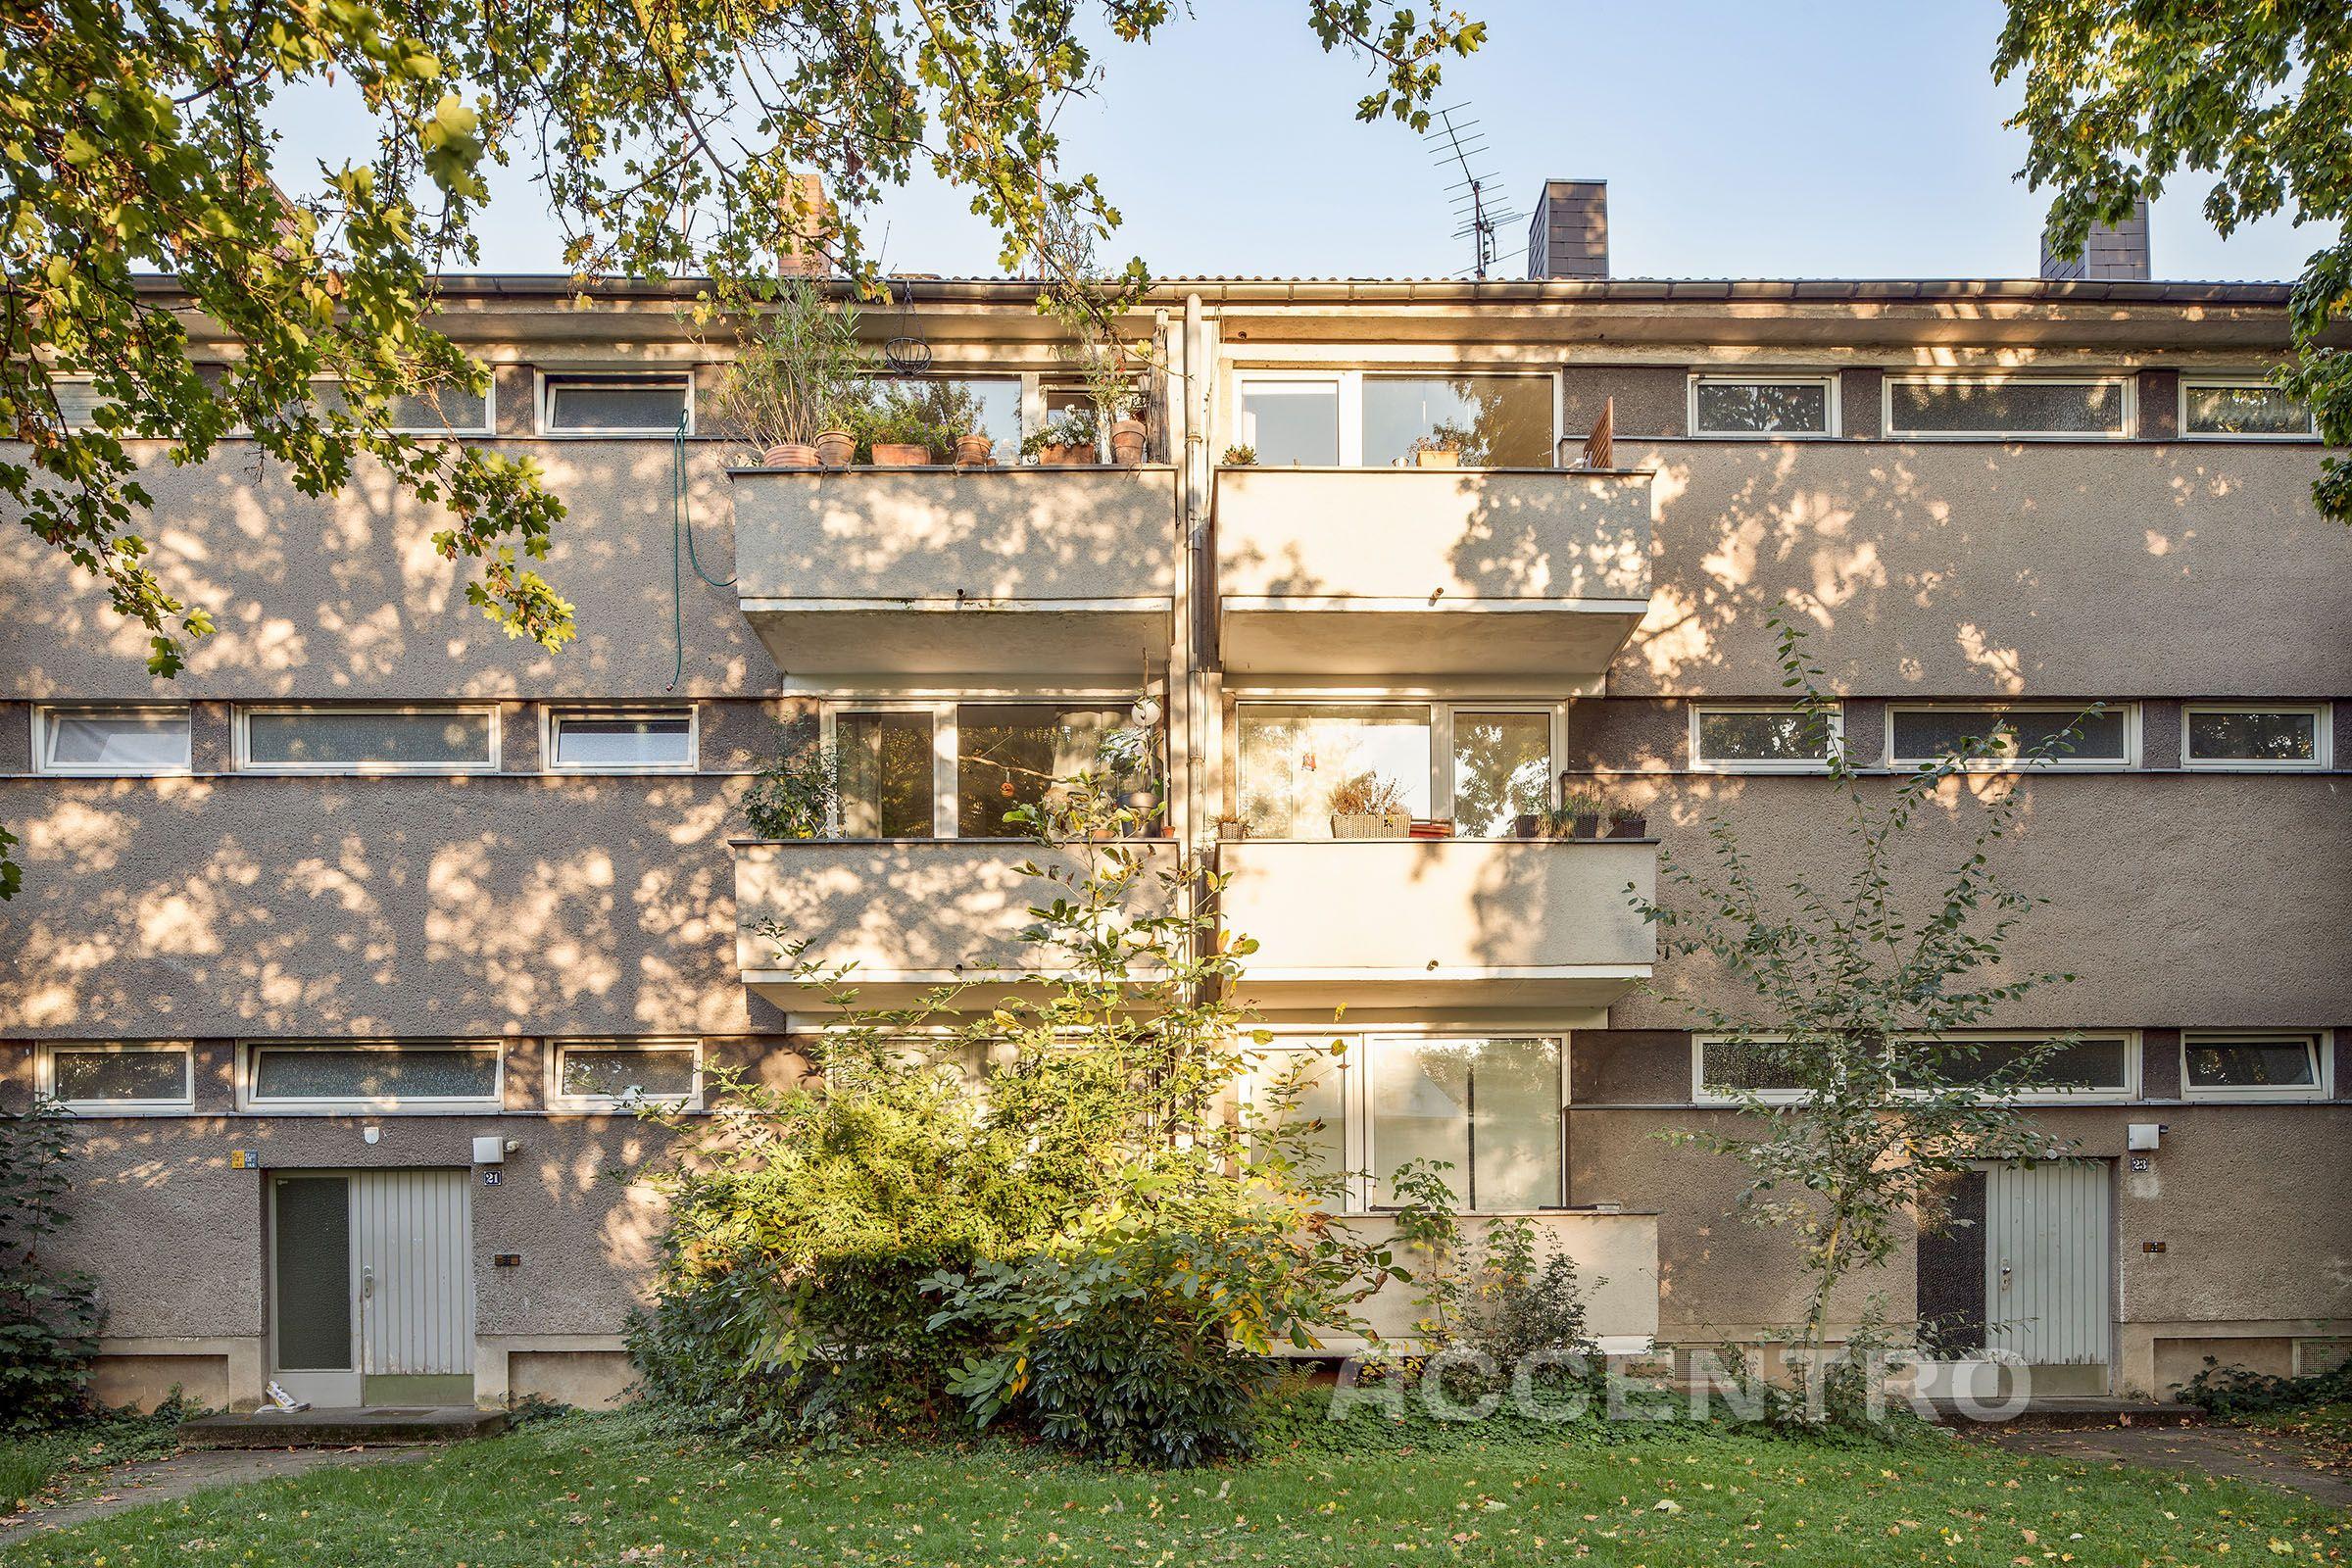 Wohnung In Koln Kaufen Mehrfamilienhaus Bauen Immobilien Eigentumswohnung